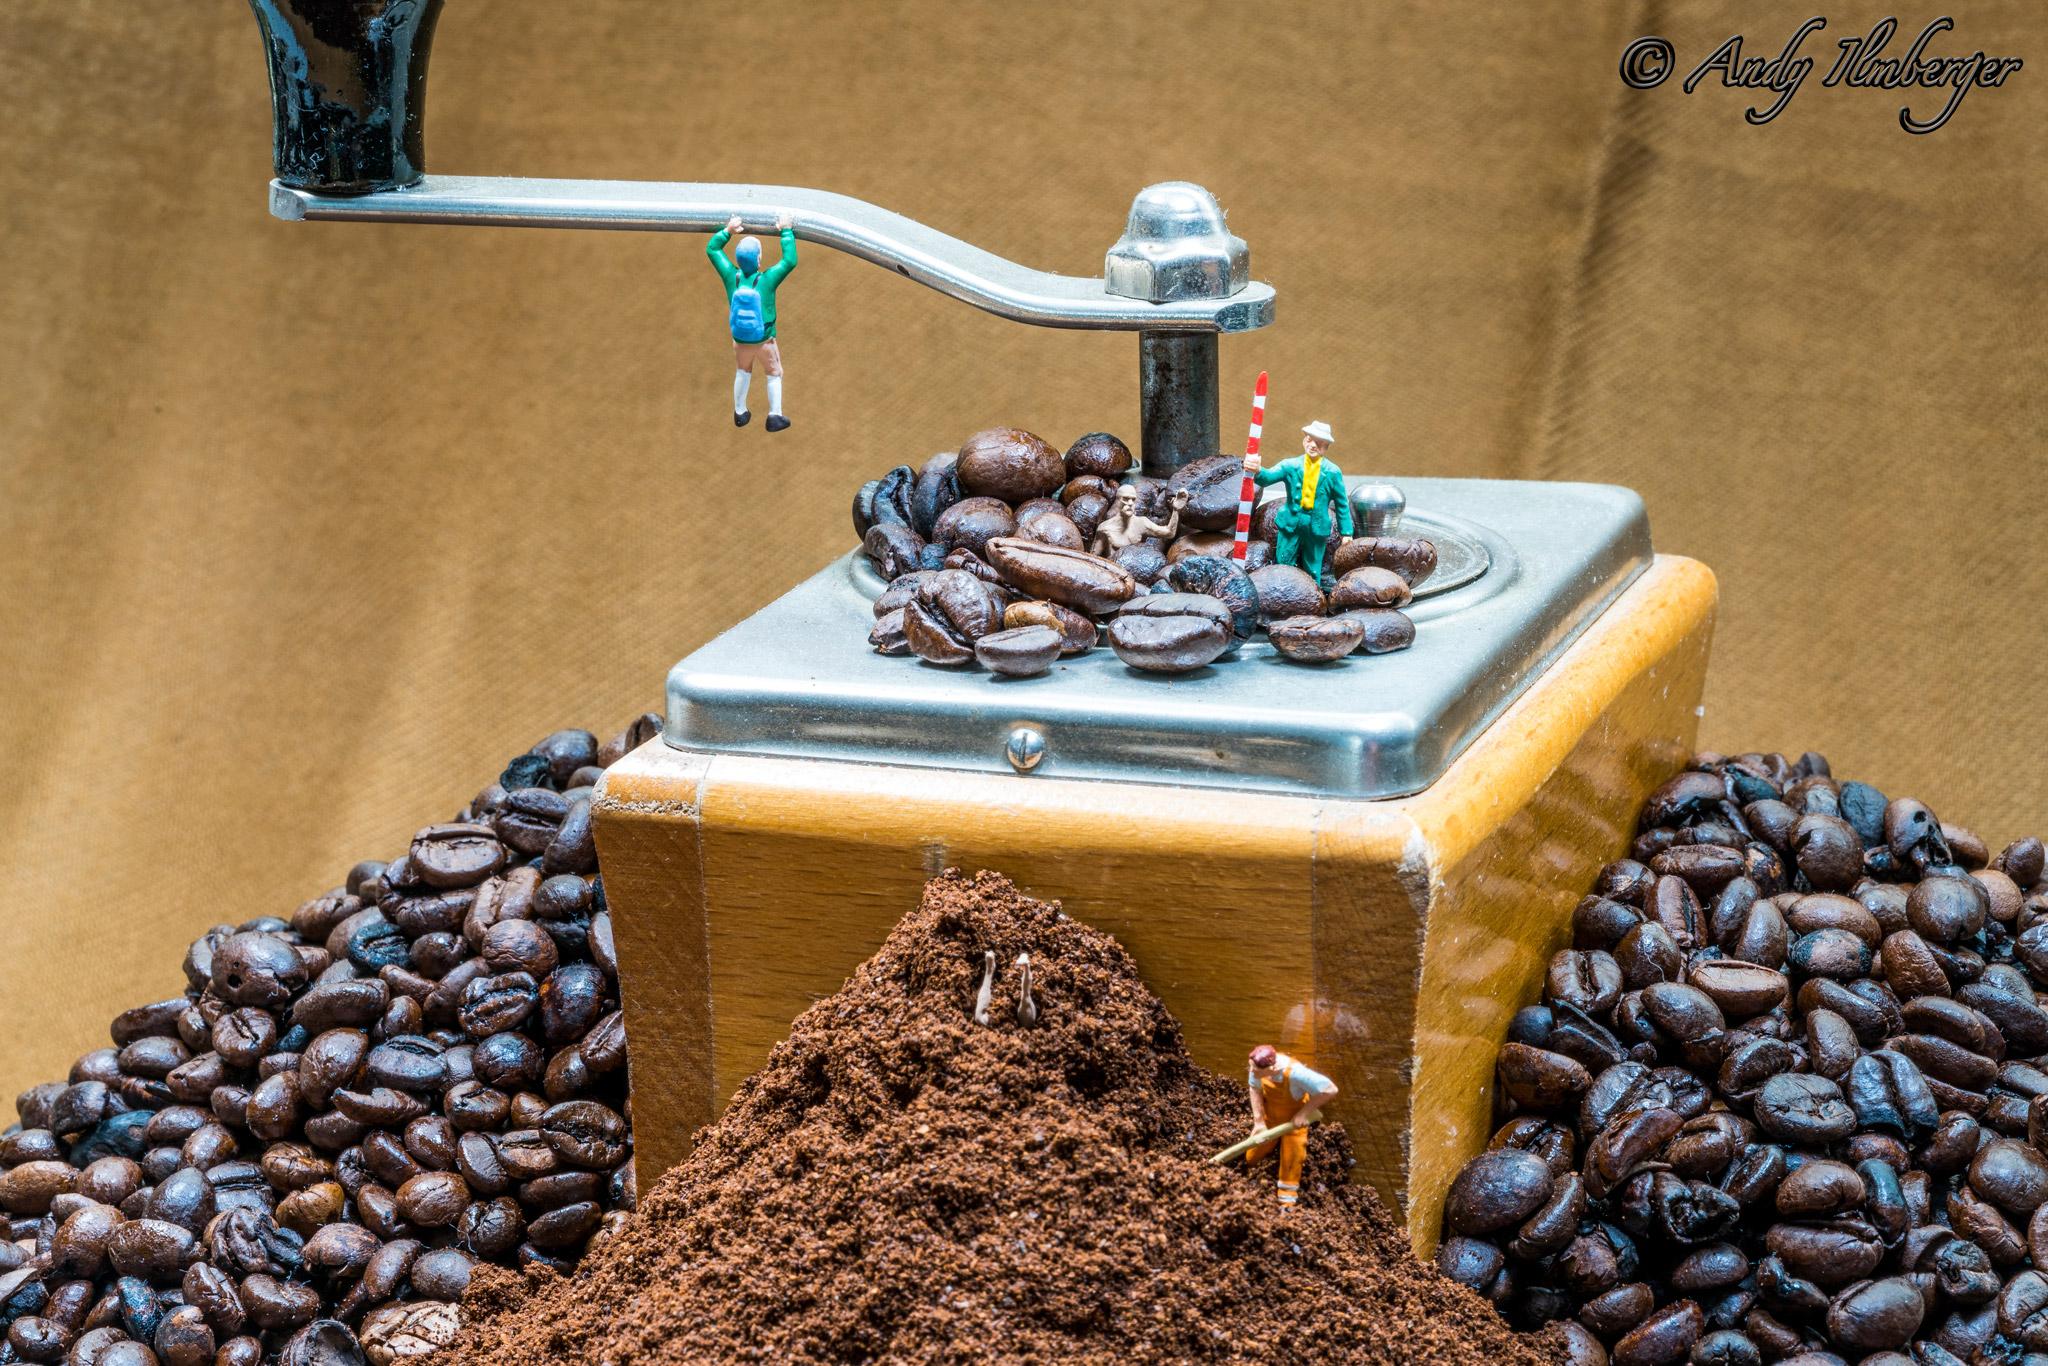 Kaffeemühlen-Blues - H0-Figuren in Szene gesetzt von © Andy Ilmberger im Kleine-Helden.Club